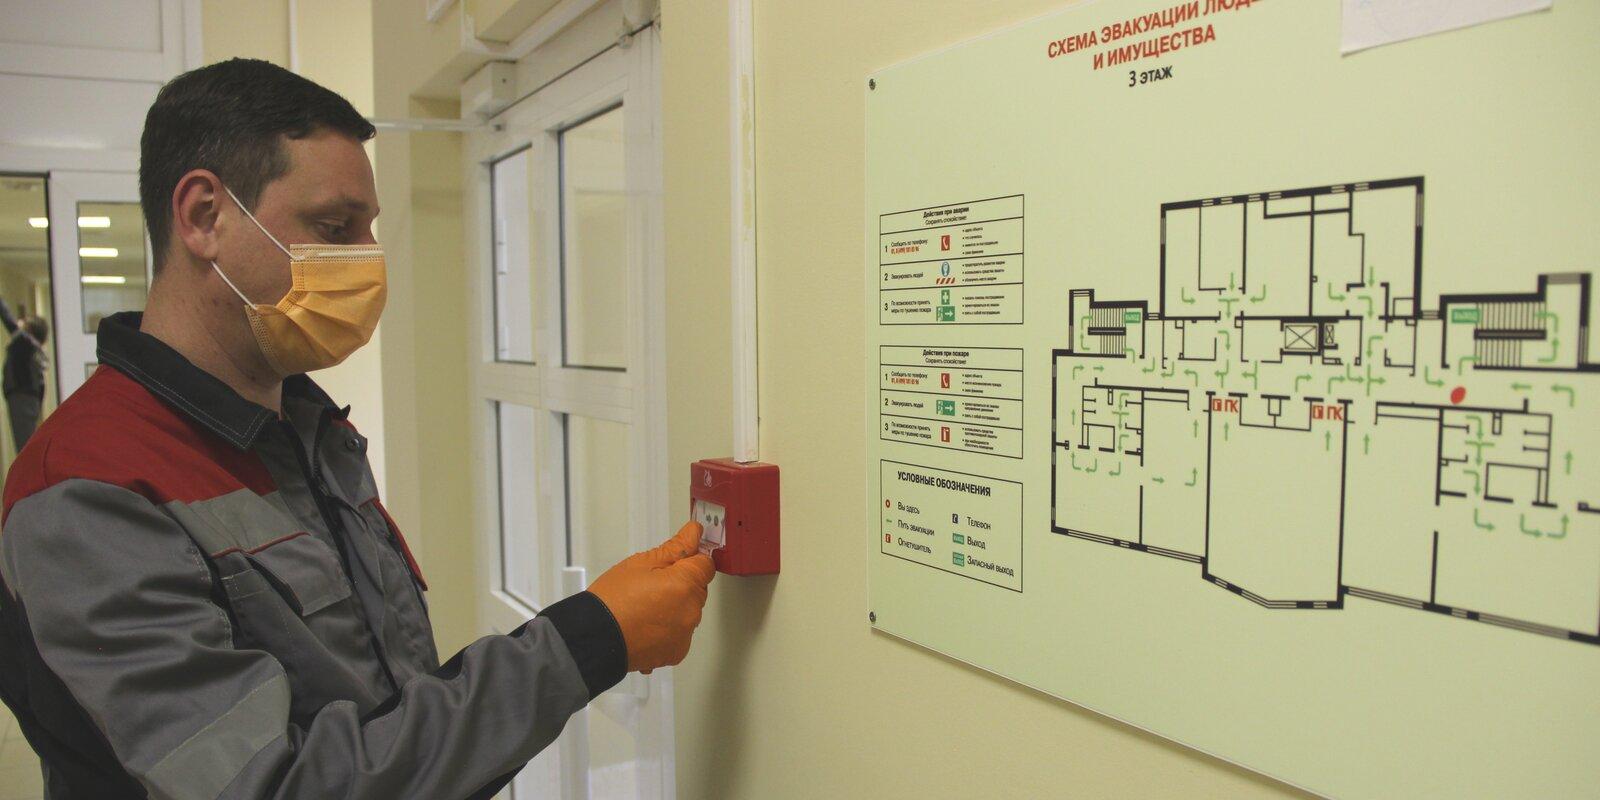 Спецпредприятие при Правительстве Москвы обеспечивает противопожарную безопасность учебных заведений столицы